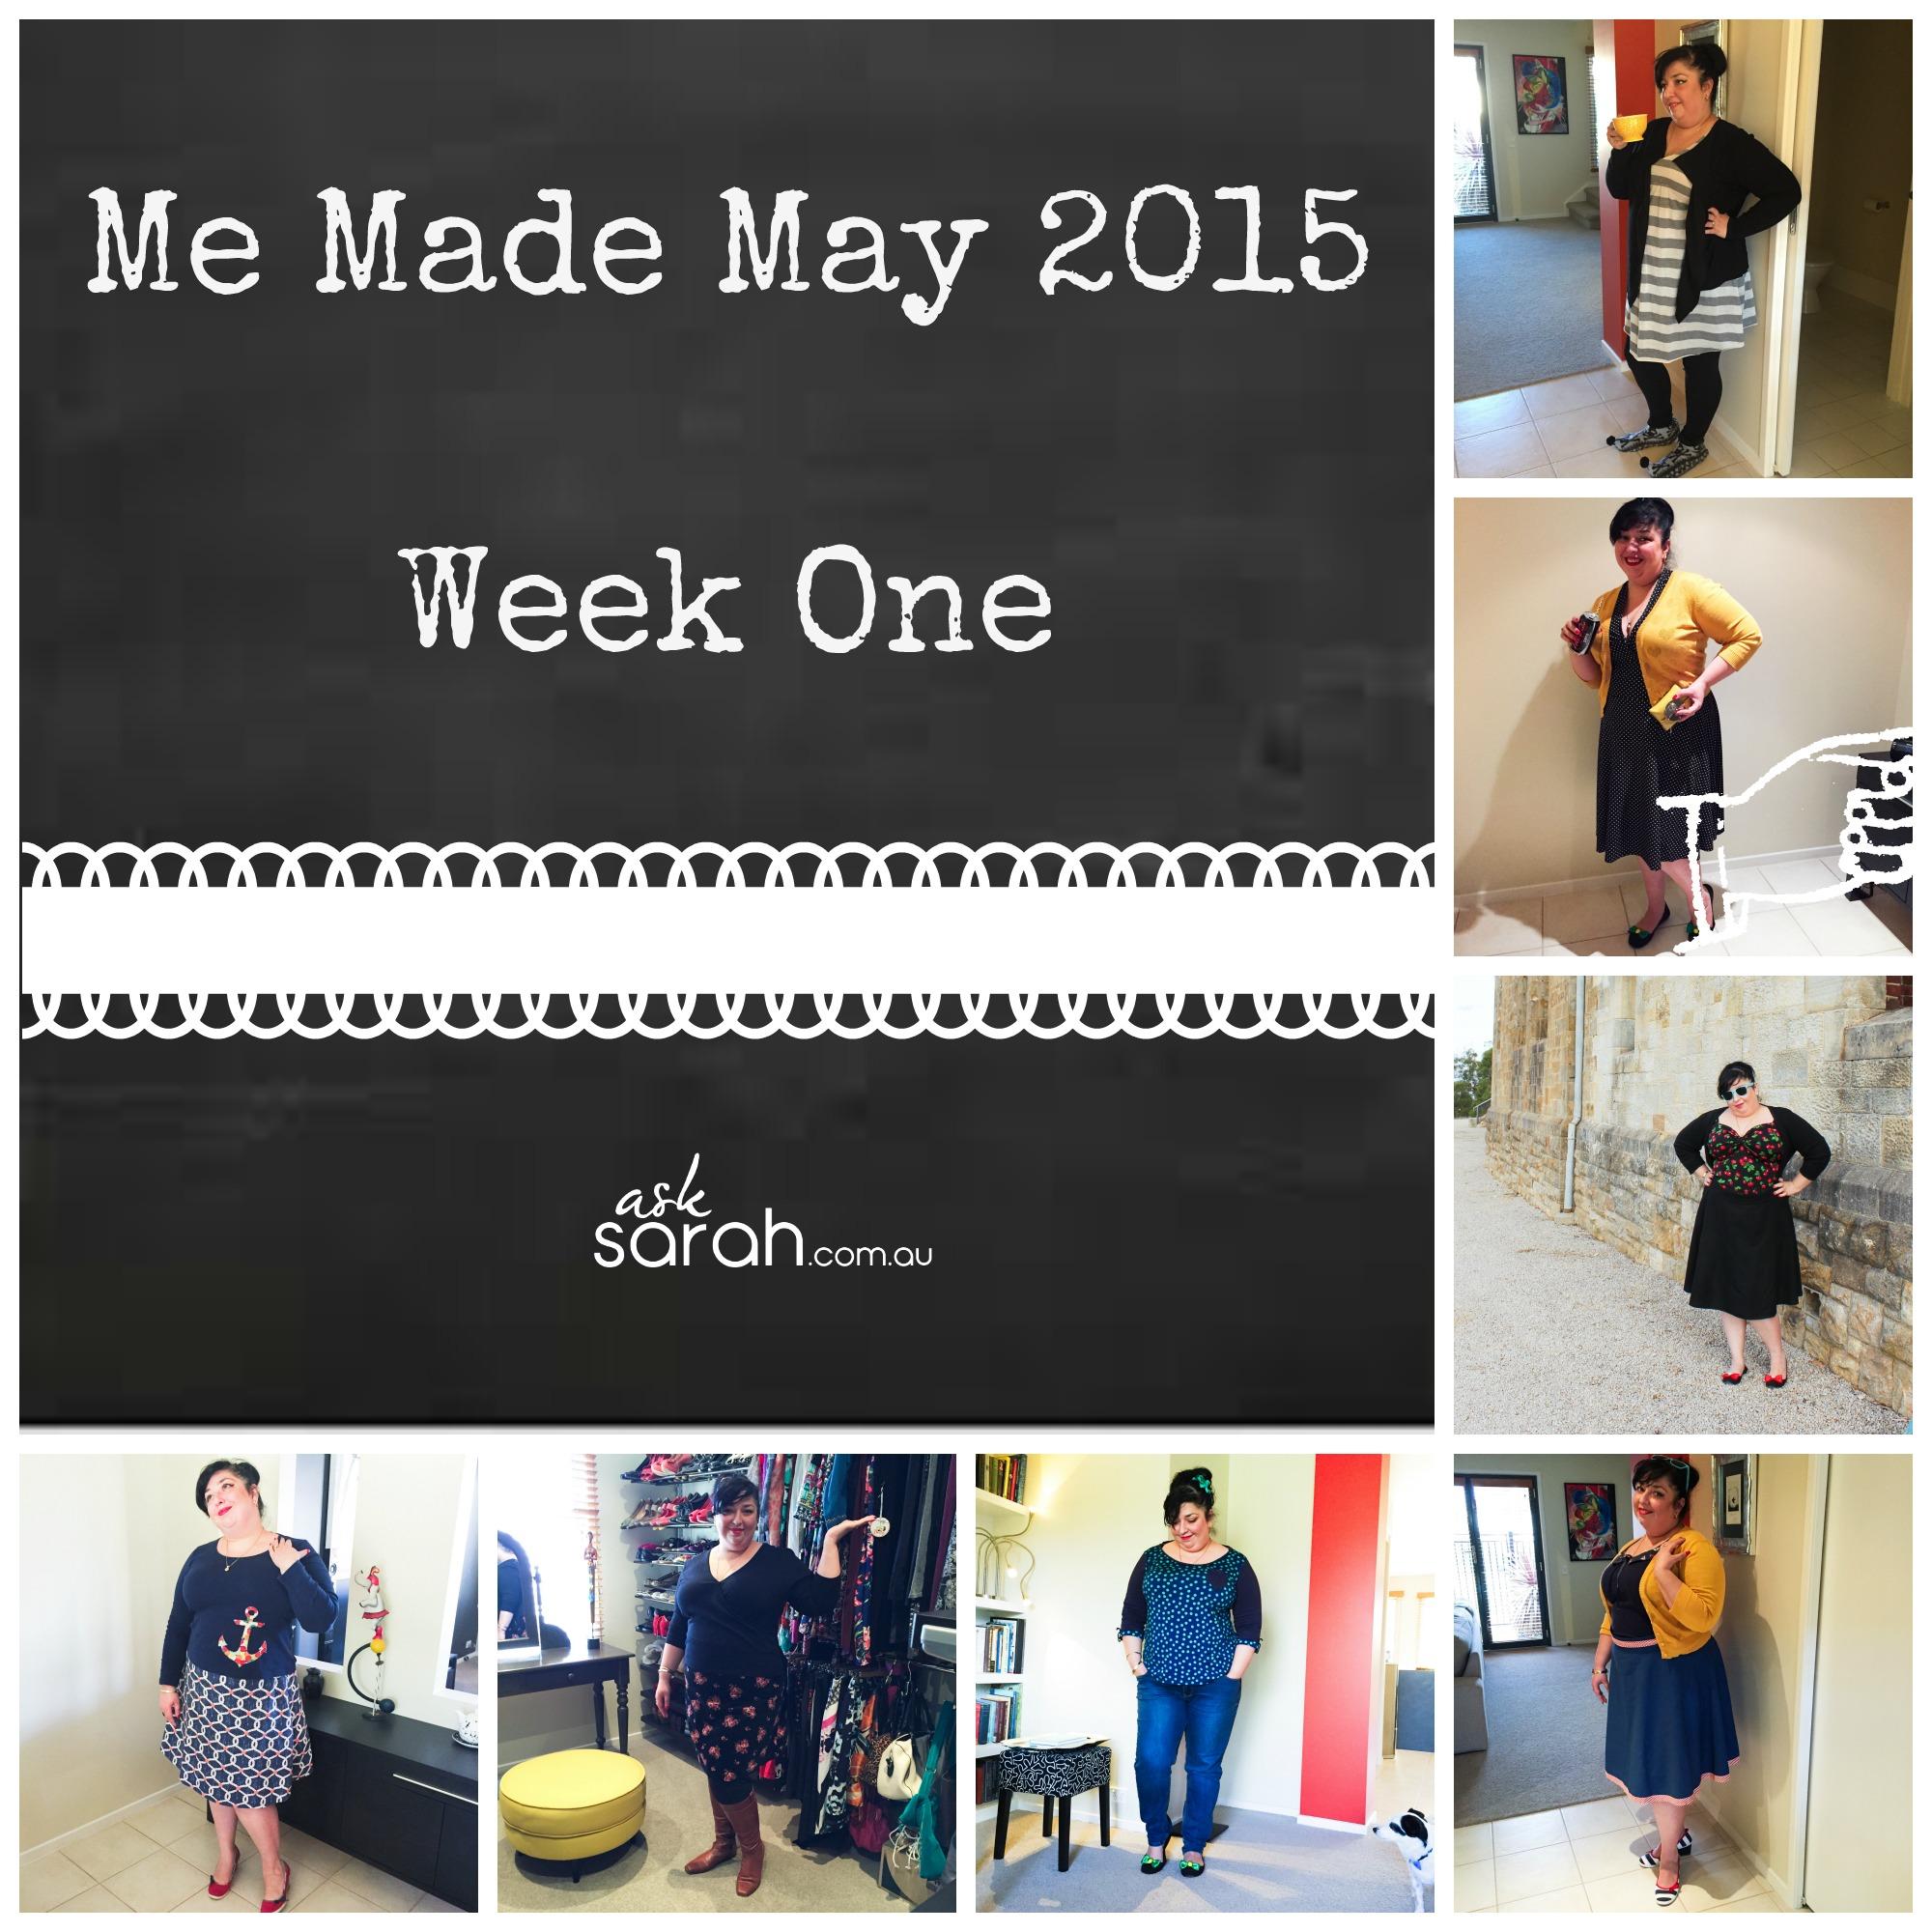 MMM 15 Week 1 #MMMay15